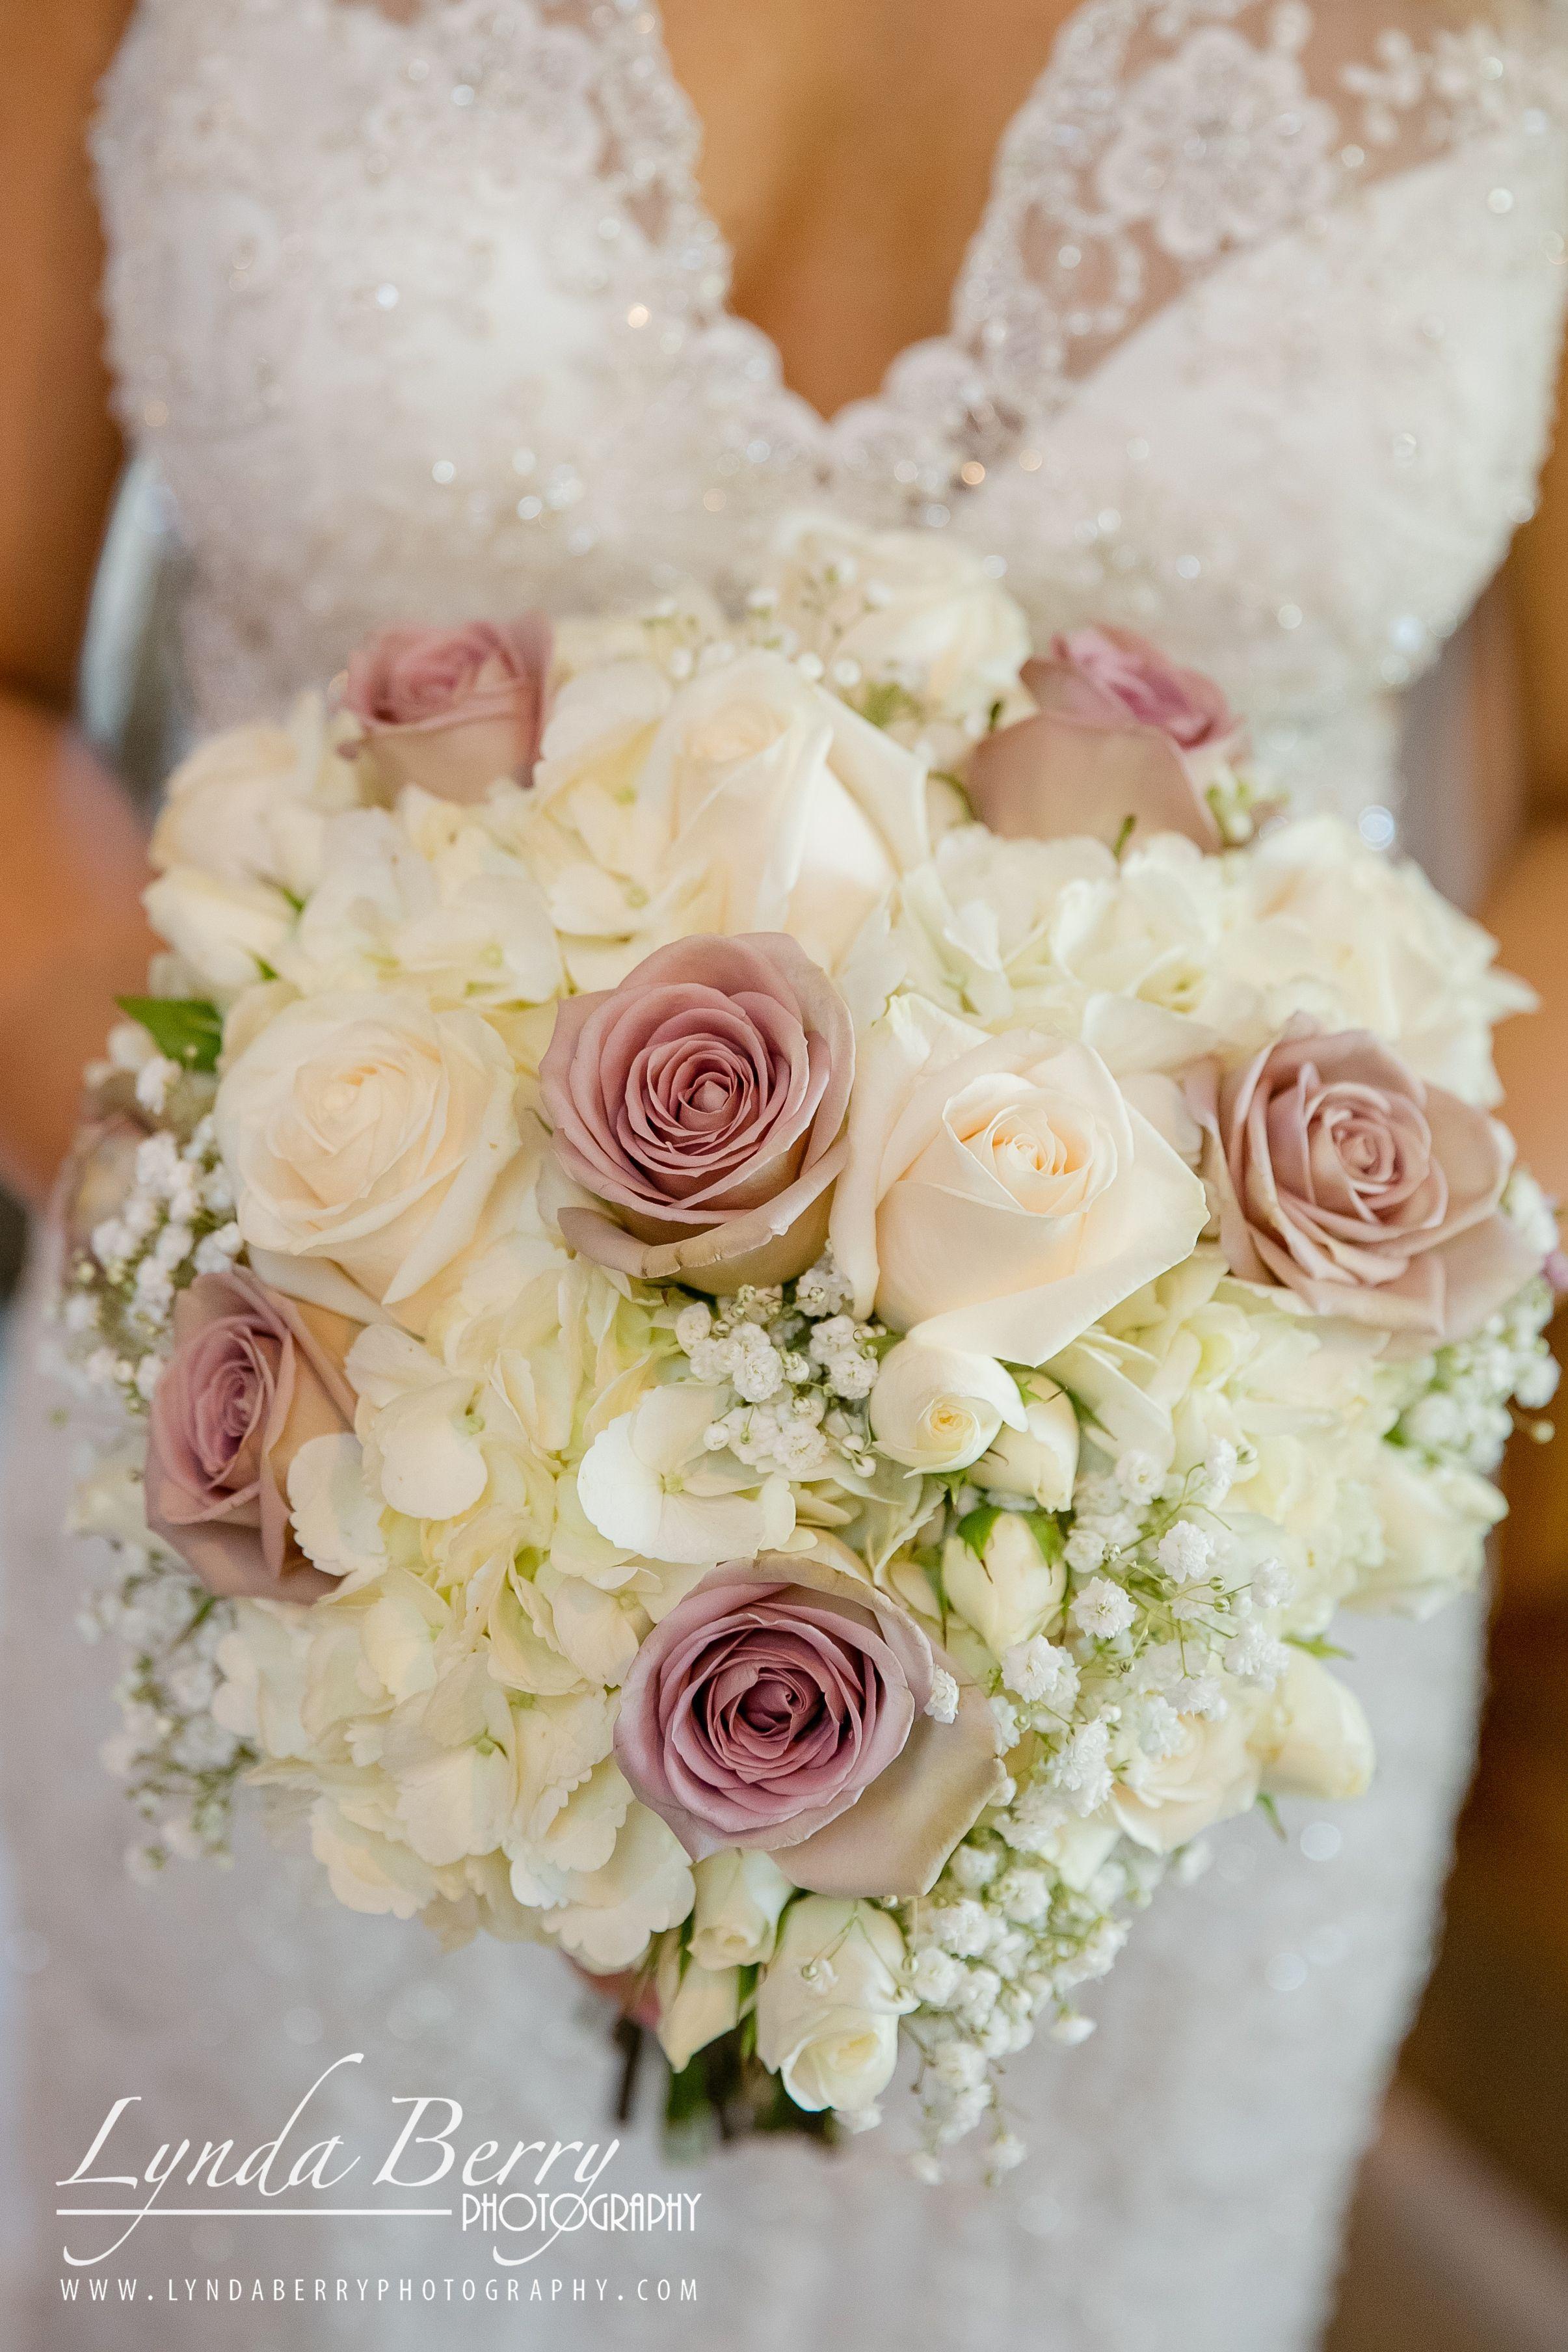 White and blush wedding bouquet blush roses white roses hydrangea white and blush wedding bouquet blush roses white roses hydrangea bridal bouquet mightylinksfo